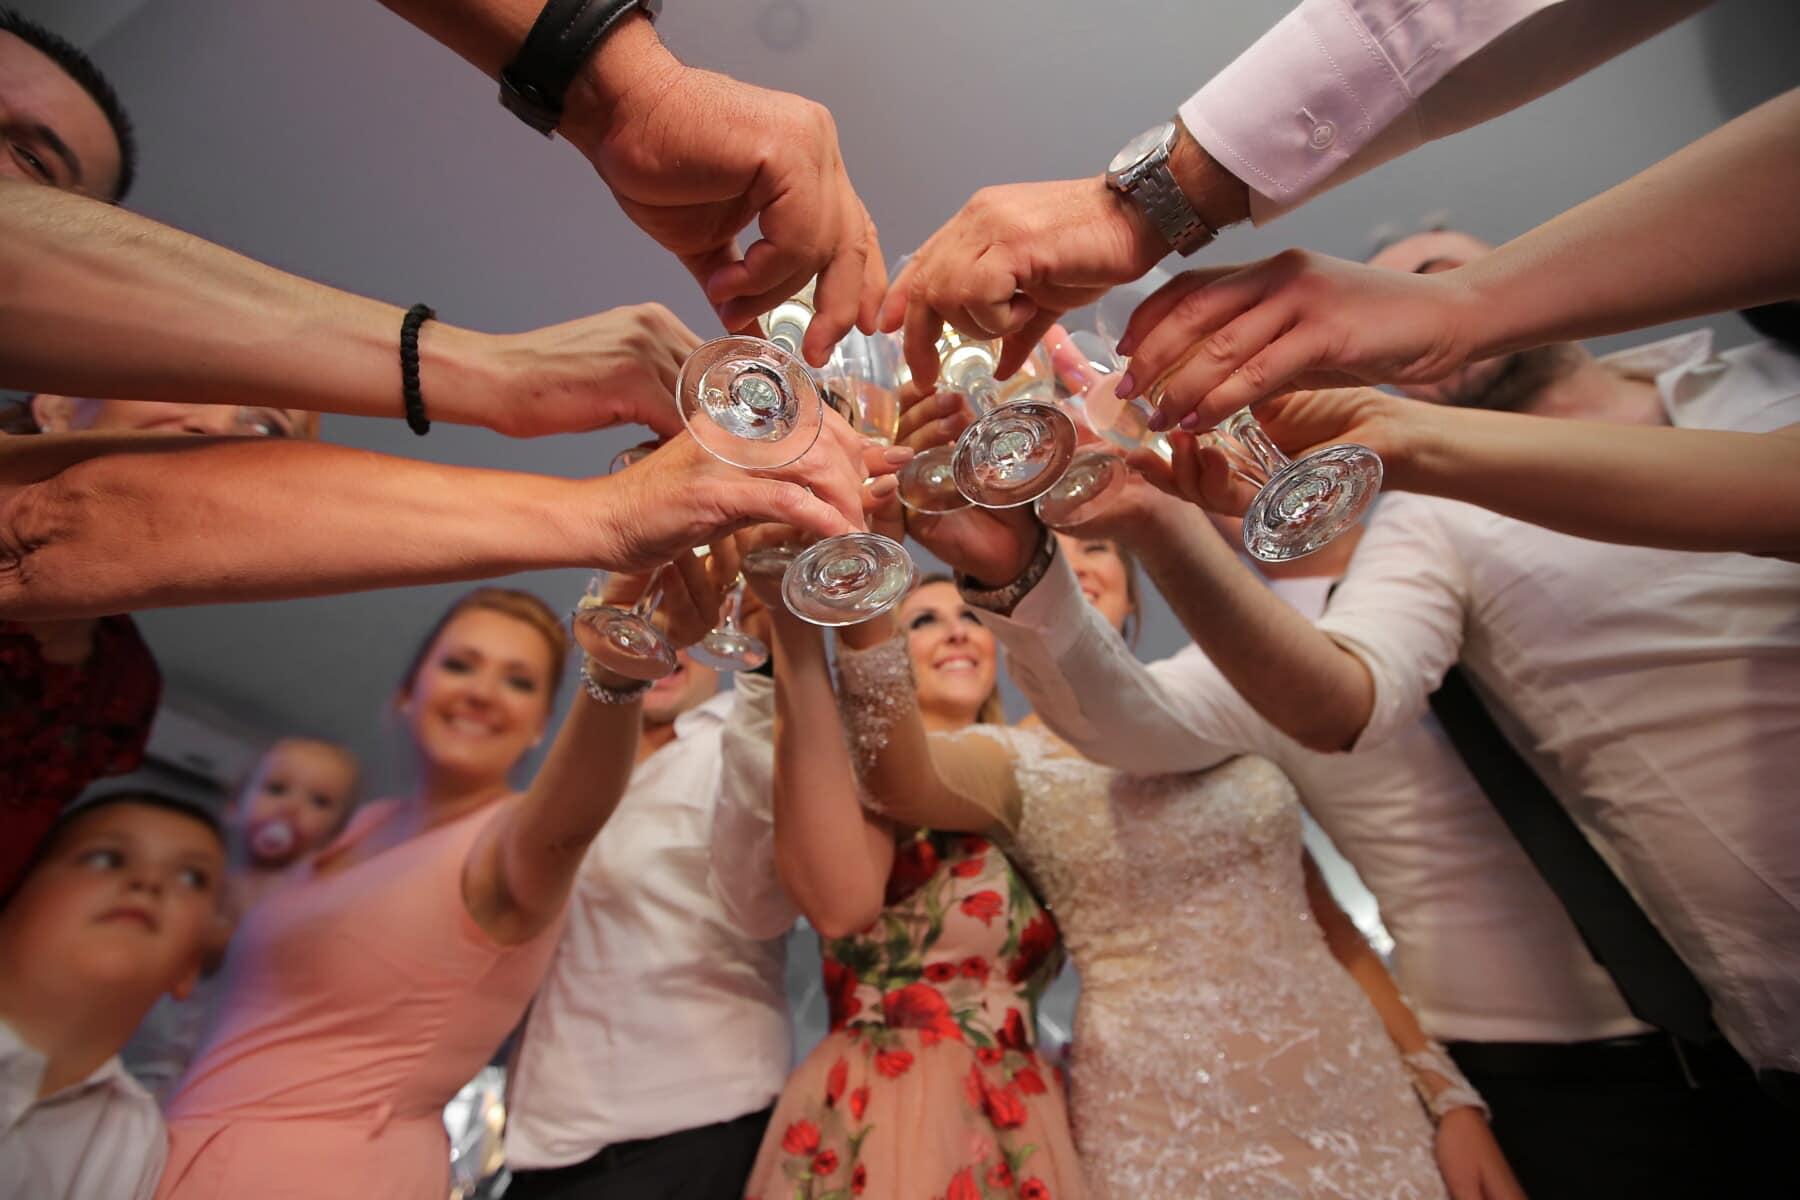 champagner, Weißwein, Hände, Partei, Gruppe, Menschen, Frau, Mann, Mädchen, Freundschaft